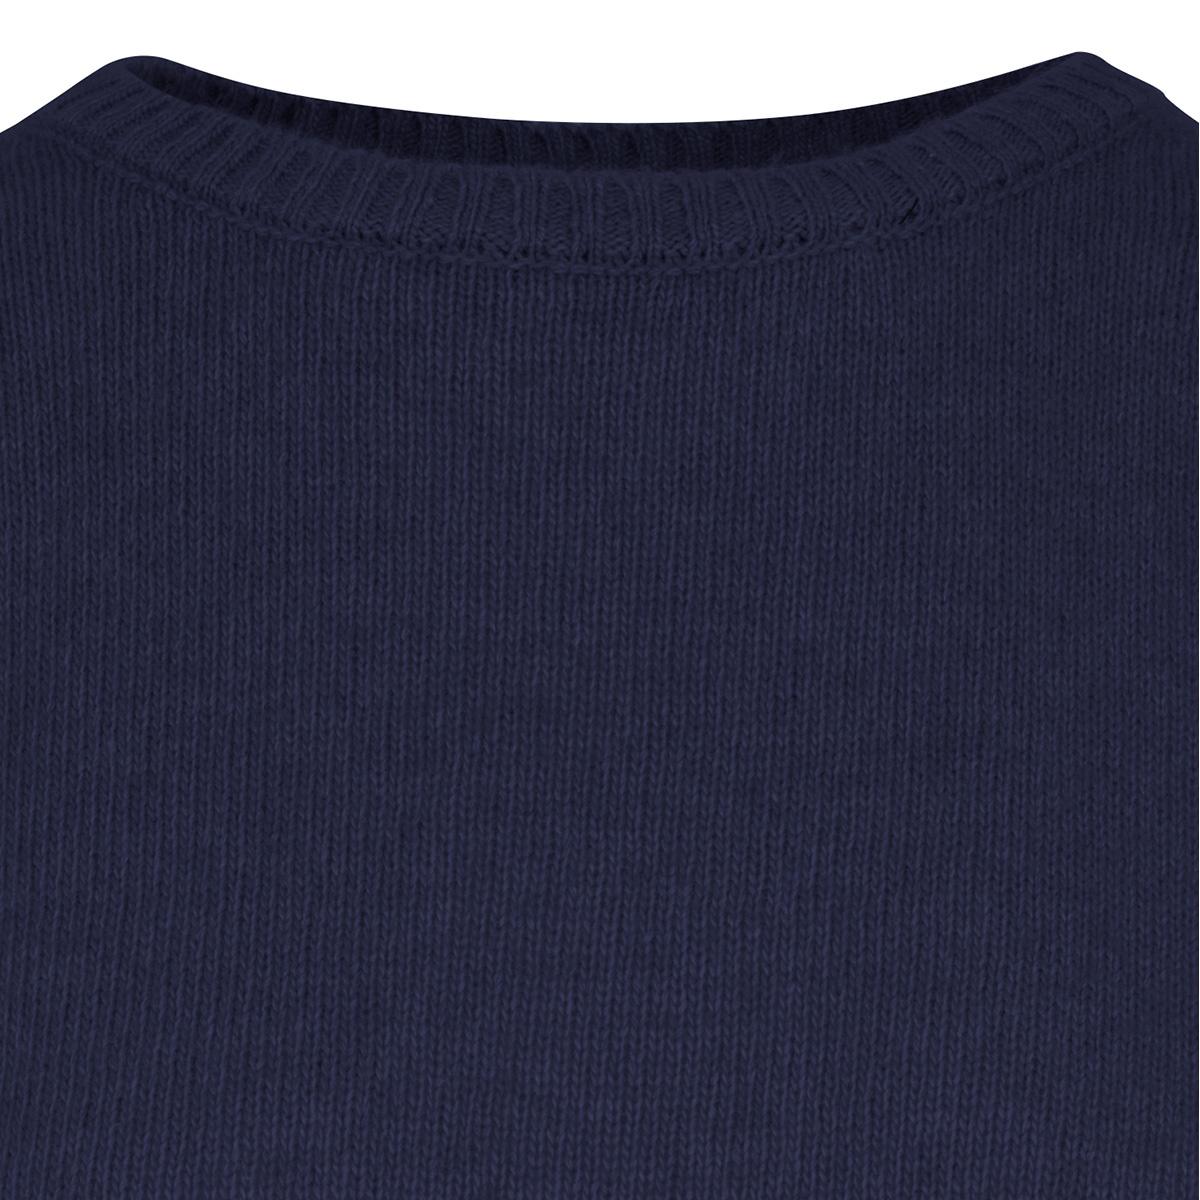 Pullover Cashmere Giro